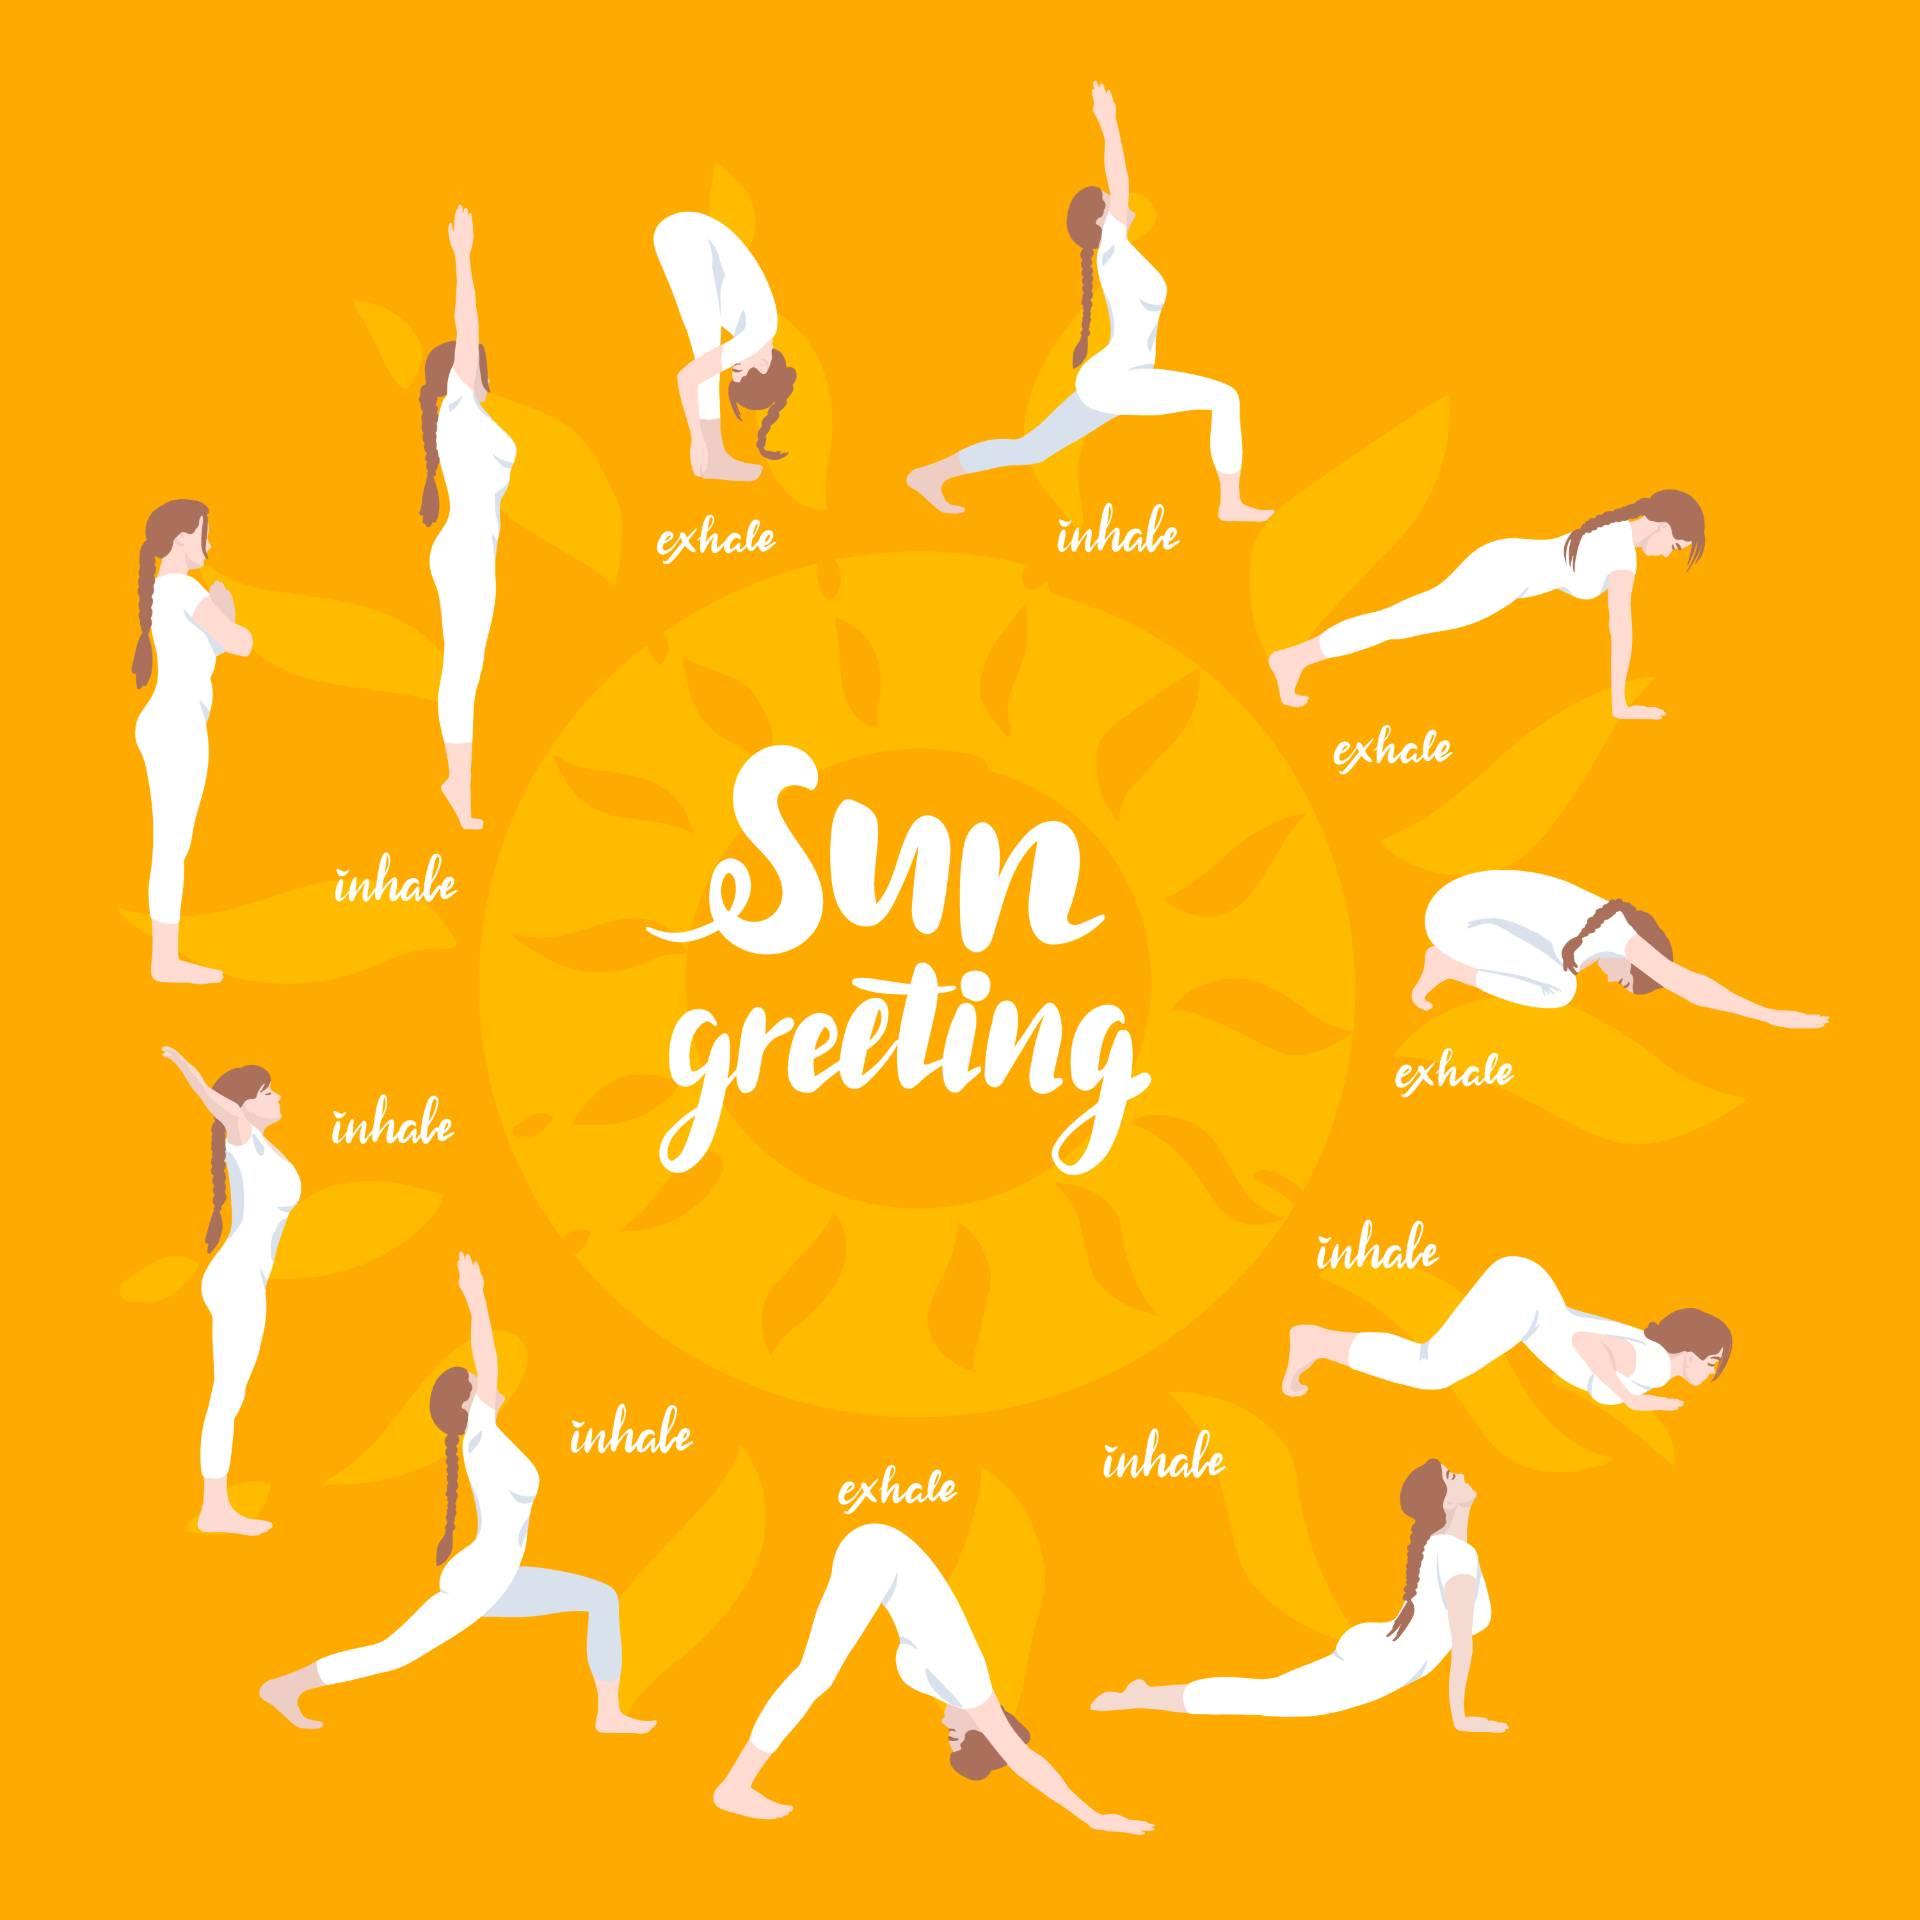 सूर्य नमस्कार के विभिन्न आसन आपके शारीरिक और मानसिक स्वास्थ्य के लिए लाभकारी हैं। चित्र: शटरस्टॉक